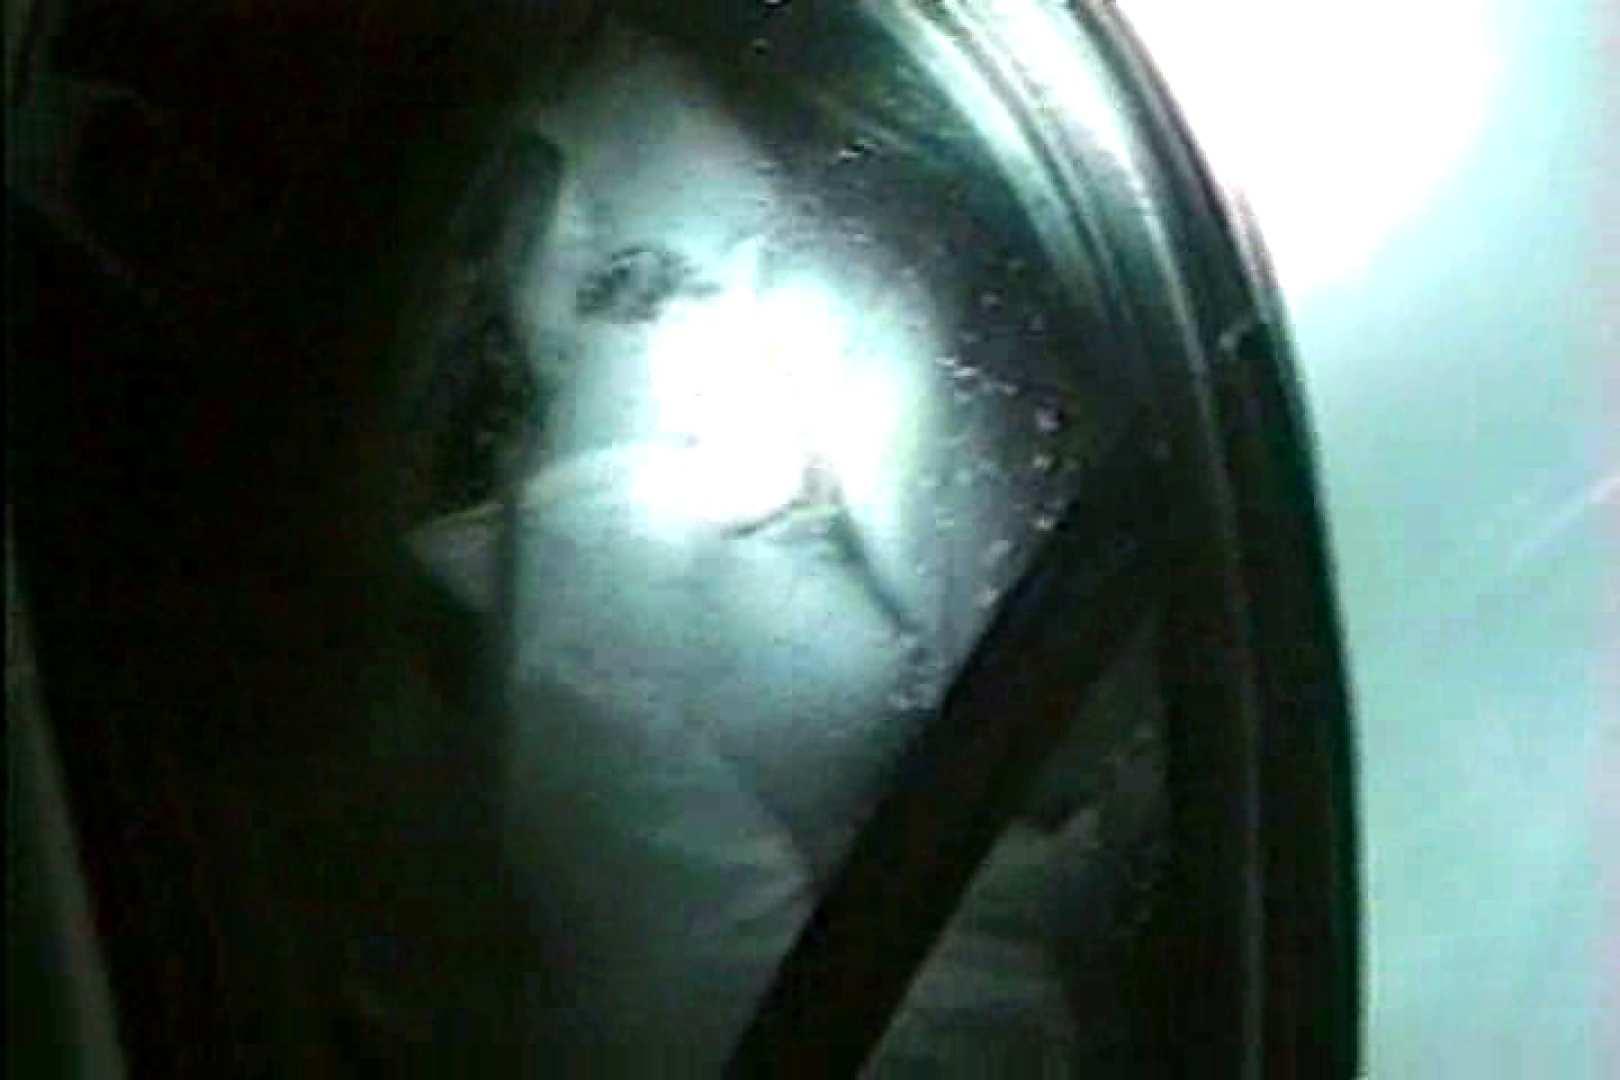 車の中はラブホテル 無修正版  Vol.6 カーセックス盗撮 おめこ無修正画像 104pic 86